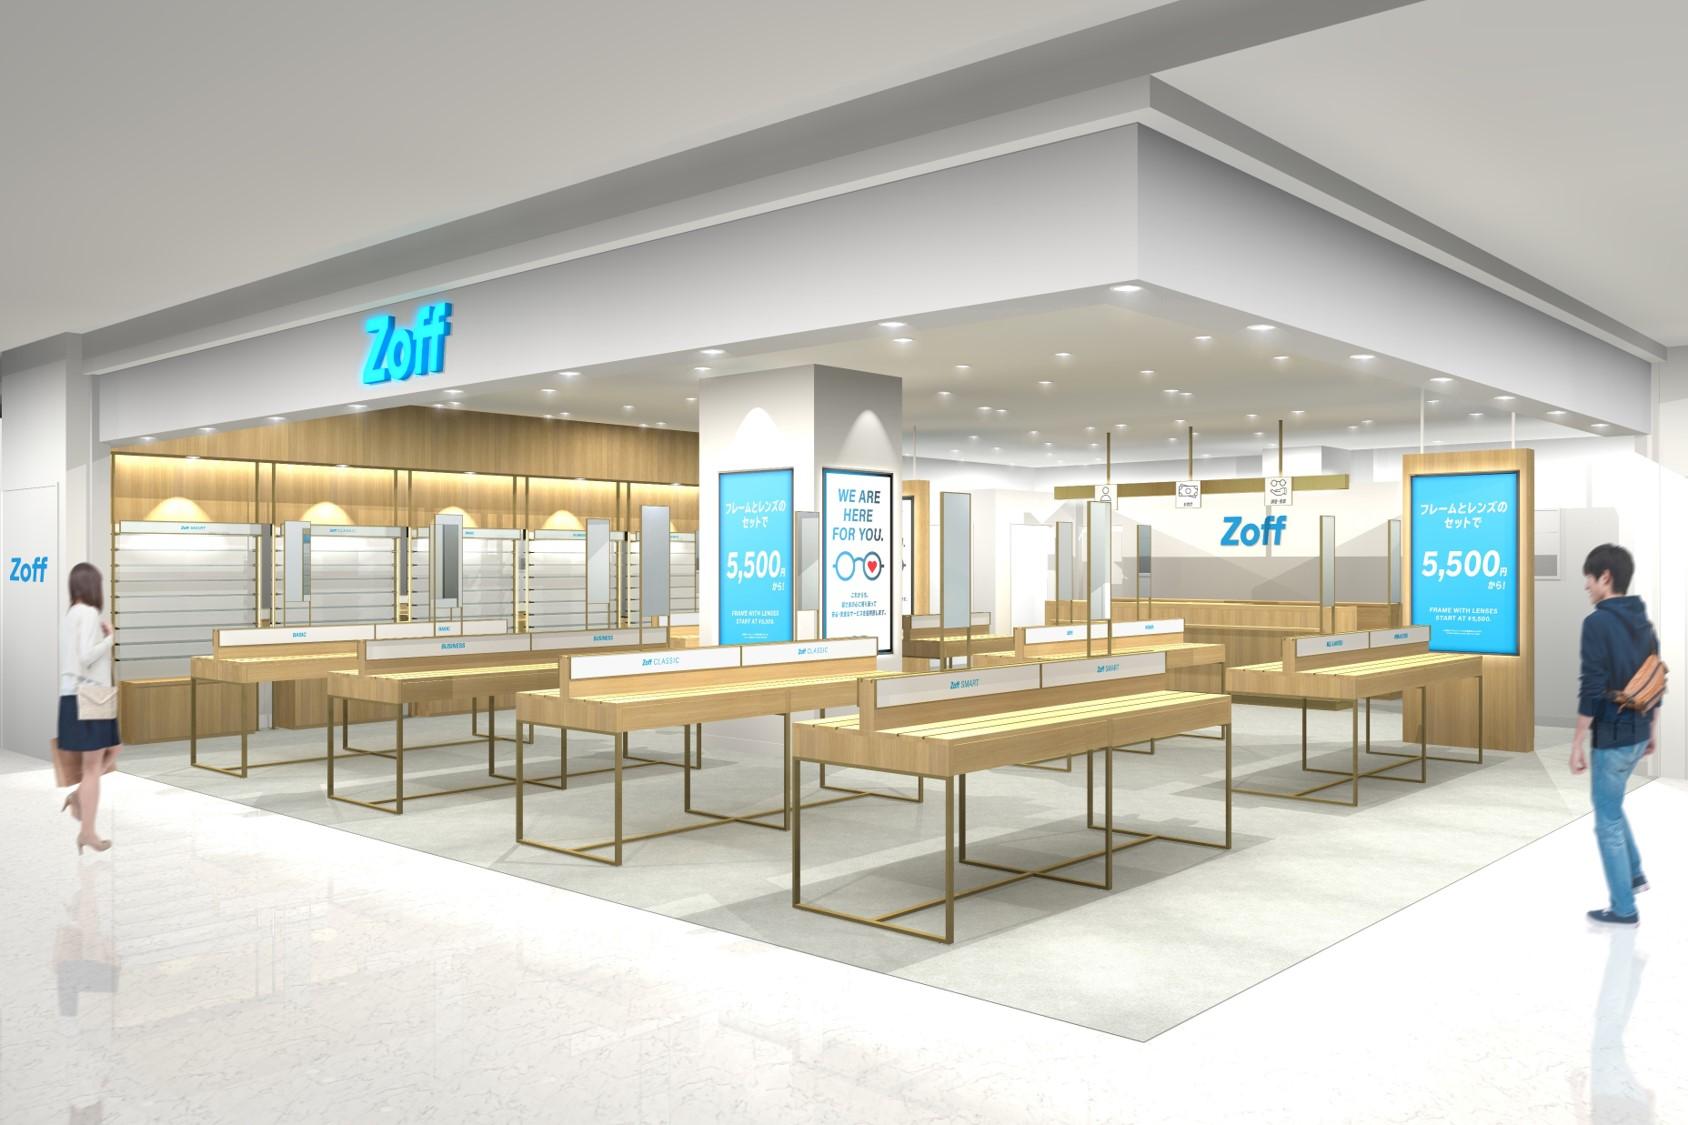 熊本県初のEye Performanceコンセプトショップ「Zoff アミュプラザくまもと店」を2021年4月23日(金)オープン